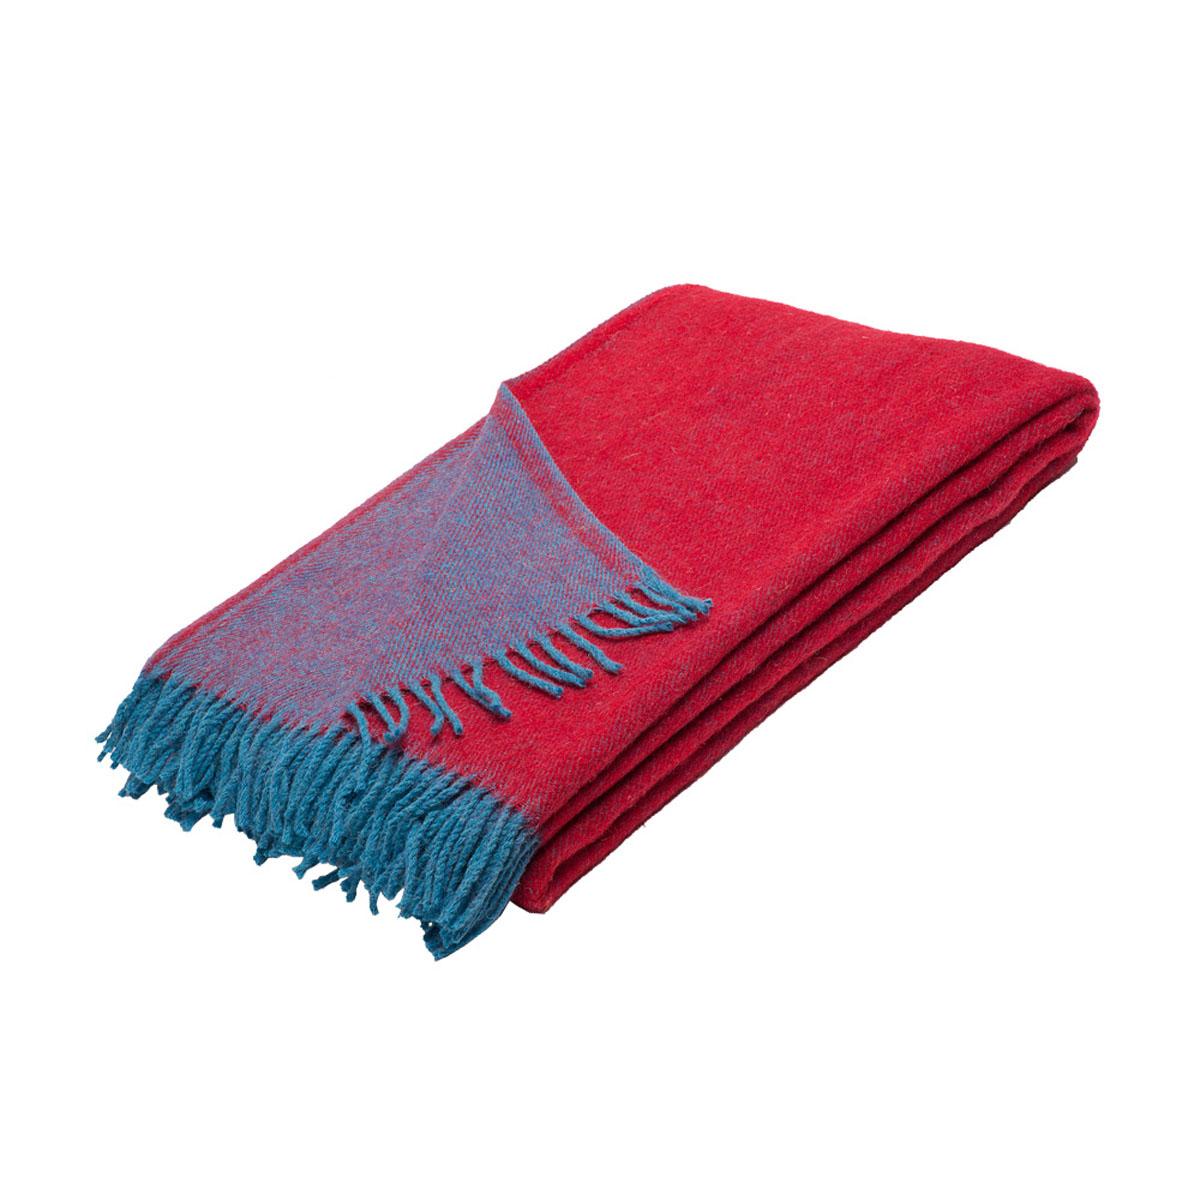 Плед Руно Дуэт, цвет: бордовый, голубой, 140 х 200 см. 1-531-140 (67)ПФнг-150-200Плед Руно Дуэт, выполненный из натуральной овечьей шерсти с молезащитной обработкой, добавит в комнате уюта и согреет в прохладные дни. Удобный размер этого очаровательного изделия позволит использовать его и как одеяло, и как покрывало для кресла или софы. Плед Руно Дуэт украсит интерьер любой комнаты и станет отличным подарком друзьям и близким! Под шерстяным пледом вам никогда не станет жарко или холодно, он помогает поддерживать постоянную температуру тела. Шерсть обладает прекрасной воздухопроницаемостью, она поглощает и нейтрализует вредные вещества и славится своими целебными свойствами. Плед из шерсти станет лучшим лекарством для людей, страдающих ревматизмом, радикулитом, головными и мышечными болями, сердечно-сосудистыми заболеваниями и нарушениями кровообращения. Шерсть не электризуется. Она прочна, износостойка, долговечна. Наконец, шерсть просто приятна на ощупь, ее мягкость и фактура вызывают потрясающие тактильные ощущения!